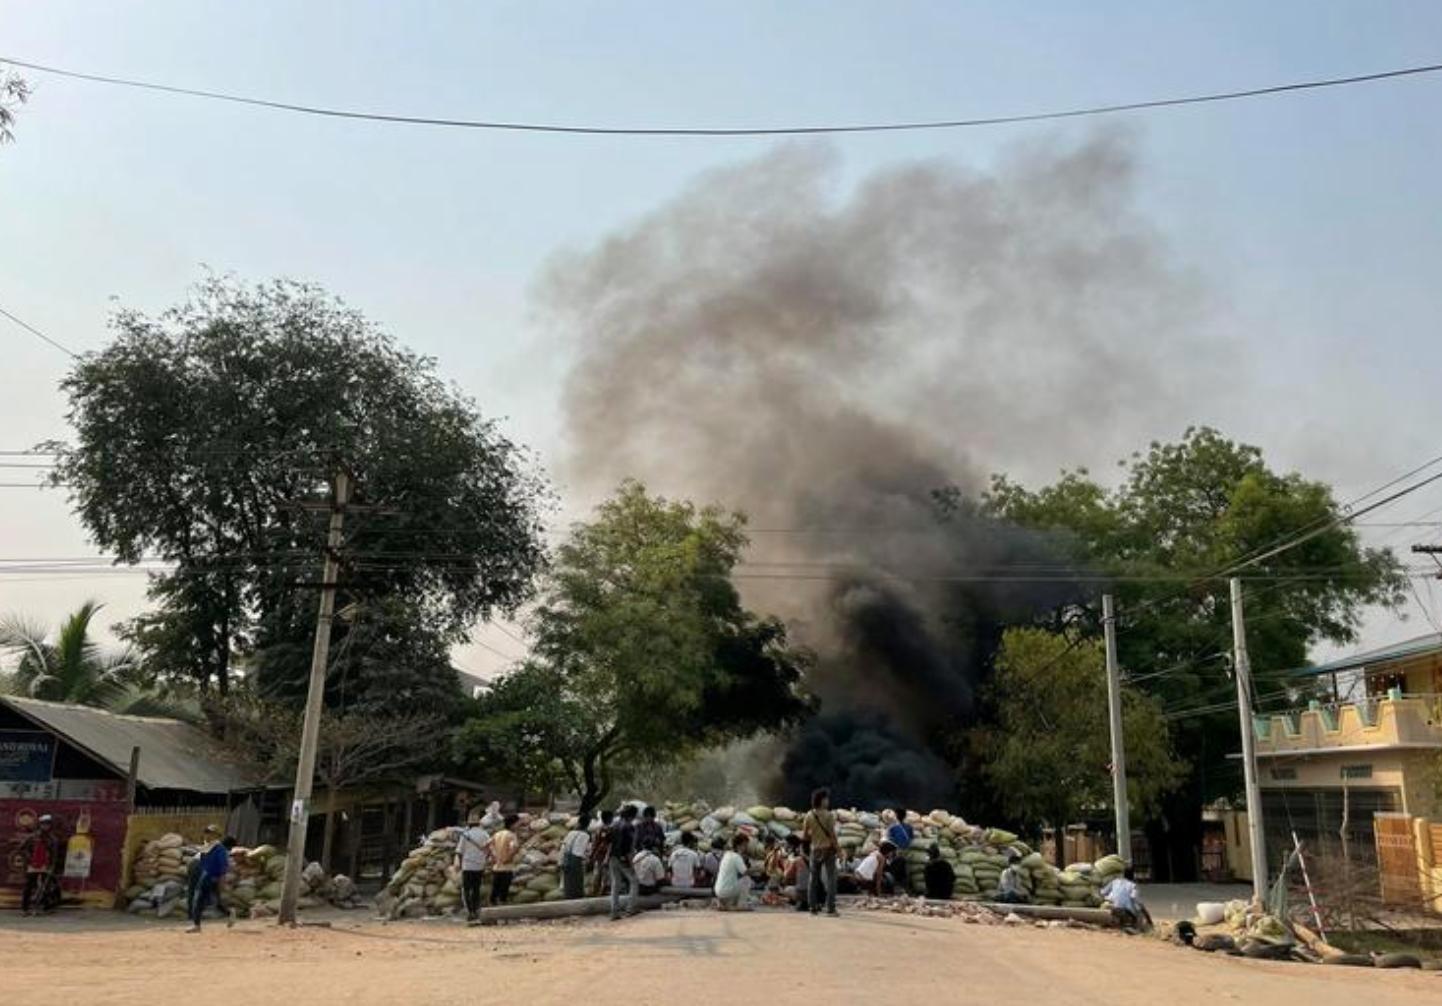 5 người thiệt mạng khi những người biểu tình Myanmar bất chấp sự đàn áp của quân đội